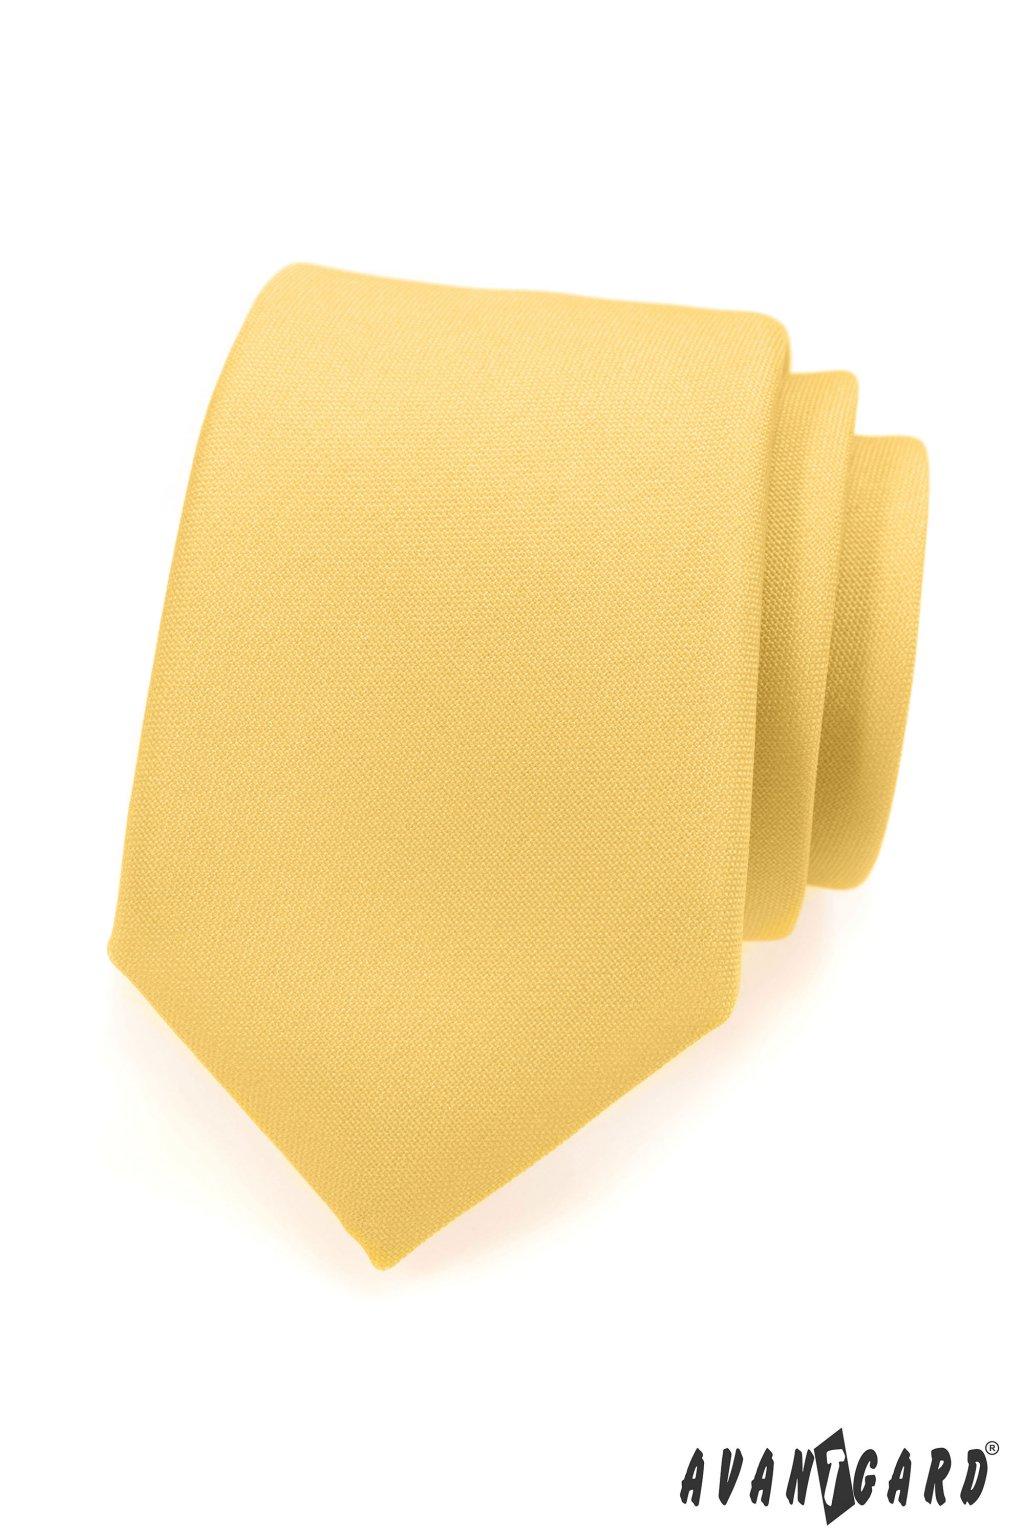 Kravata LUX žlutá 561 - 9826